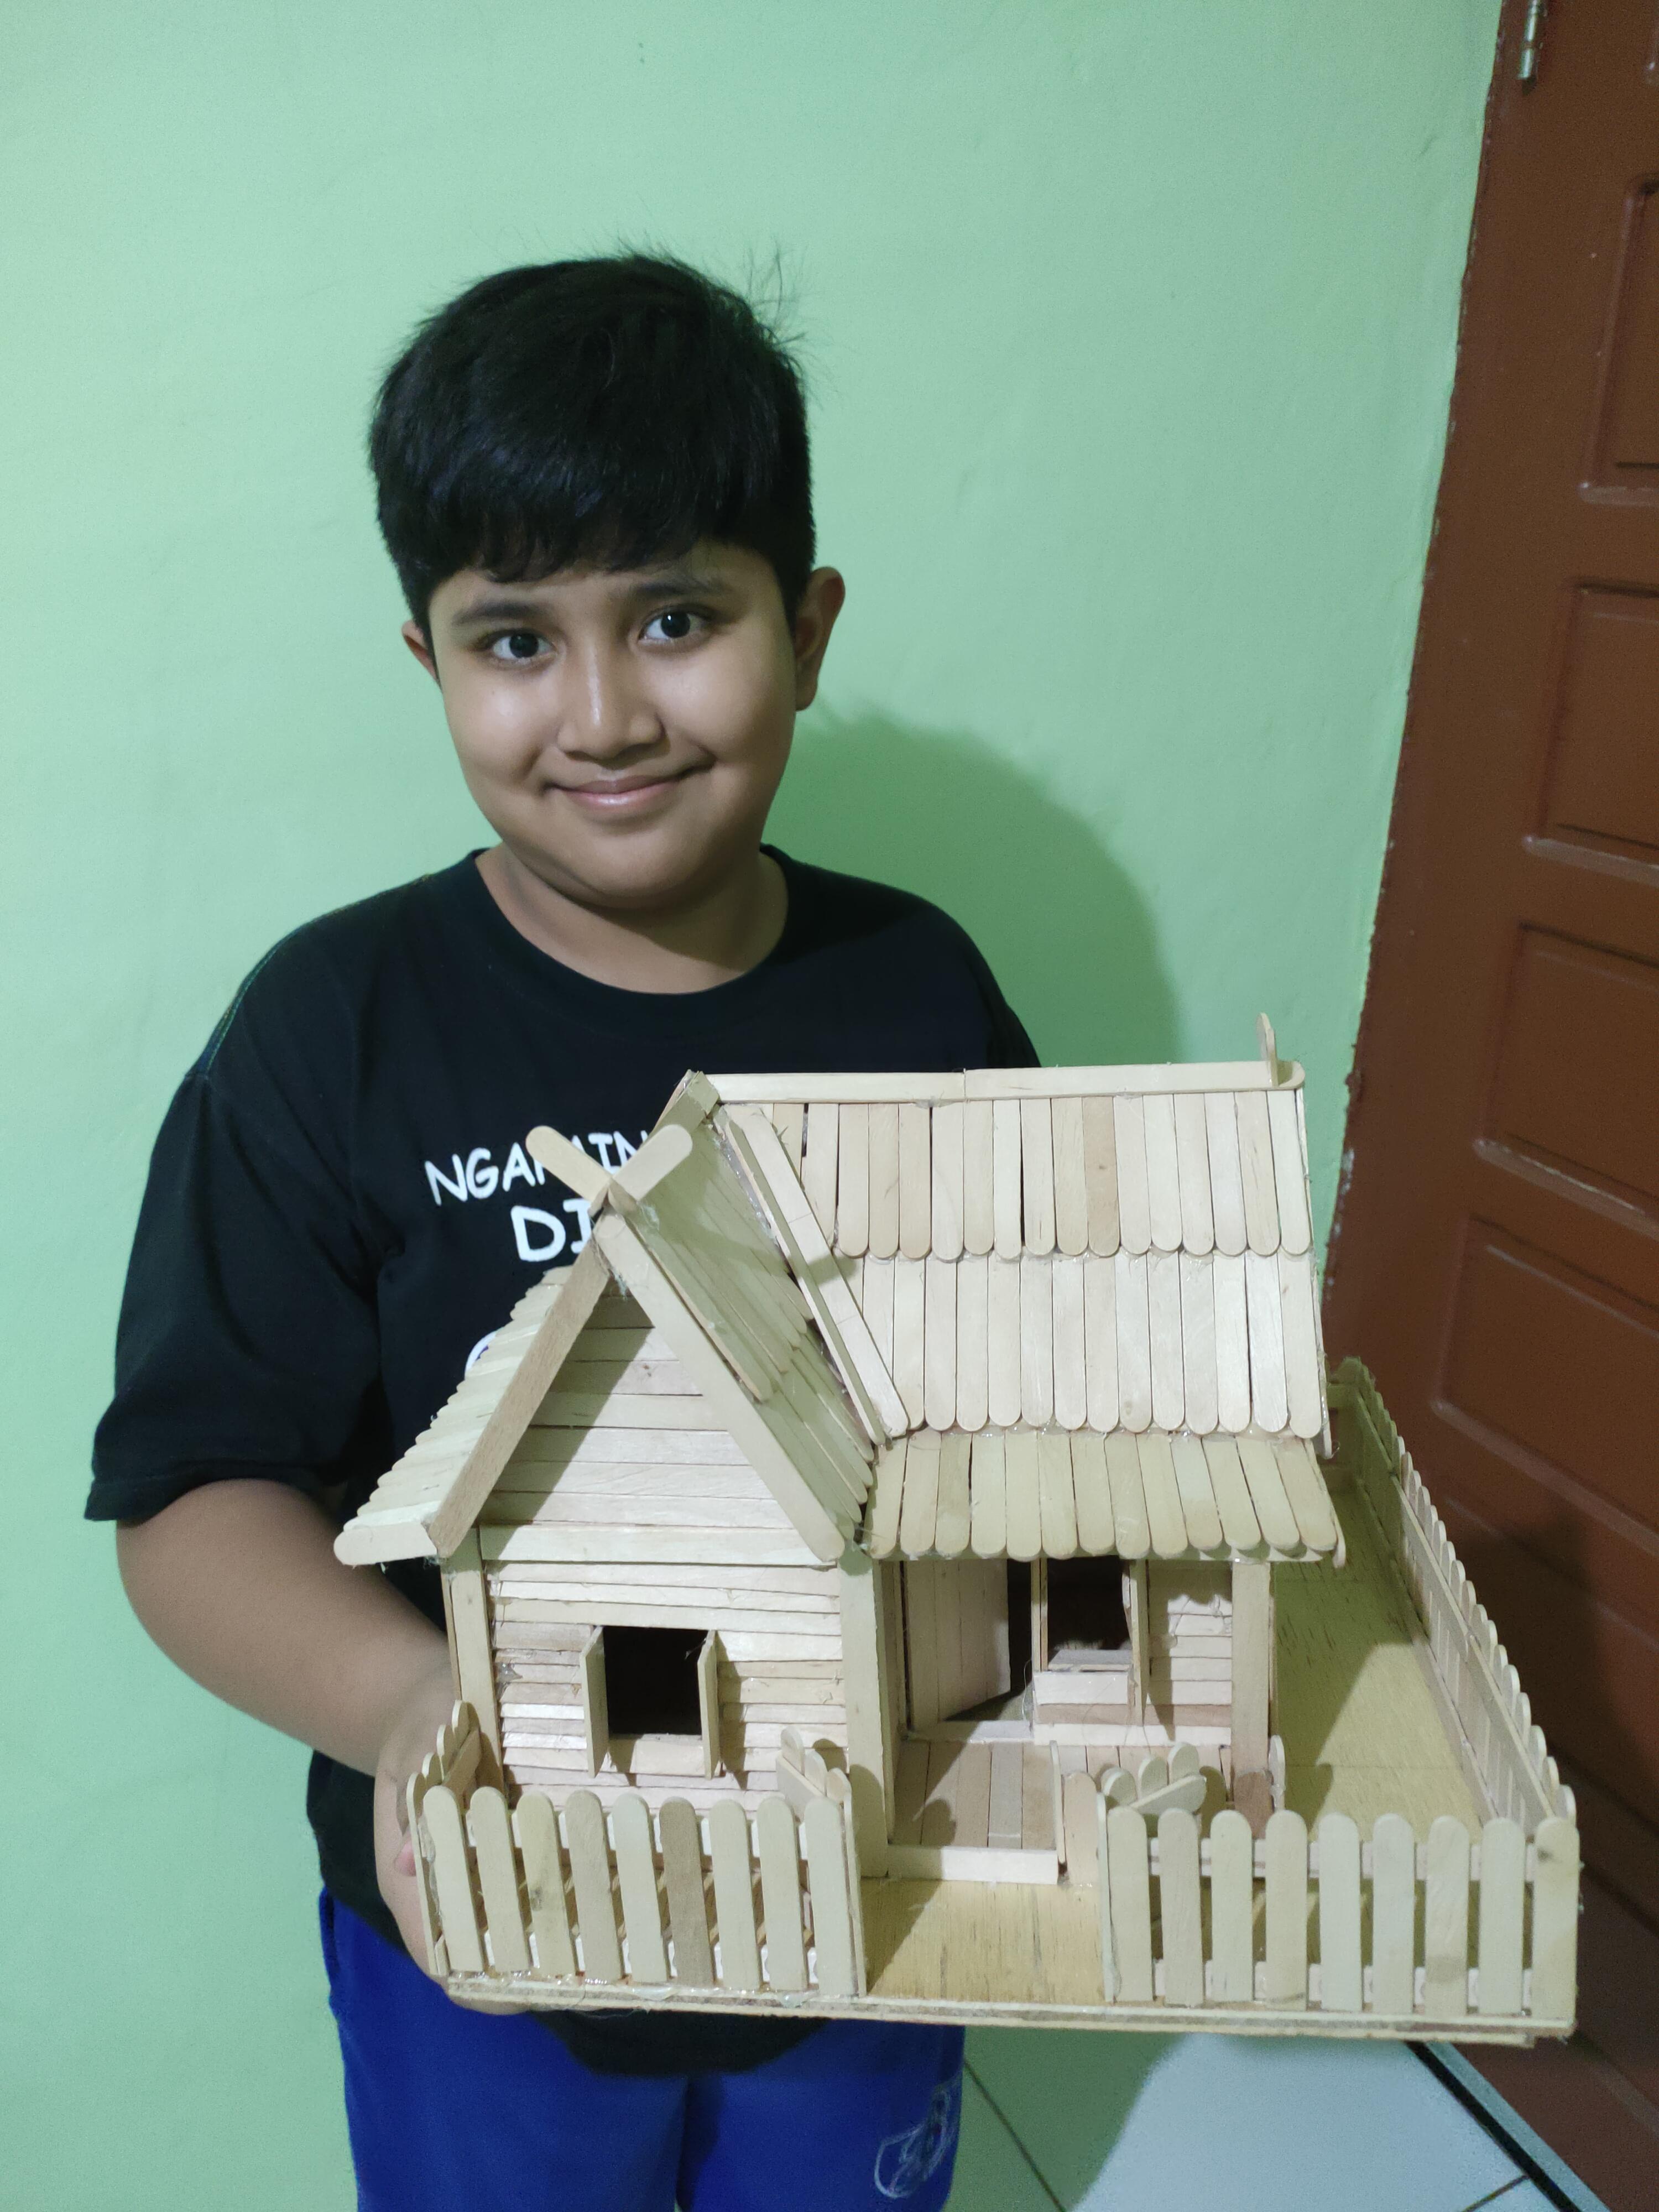 Cara Membuat Miniatur Gedung : membuat, miniatur, gedung, Membuat, Miniatur, Rumah, Berbahan, Krim,, Prakarya, Kelas, Kissparry